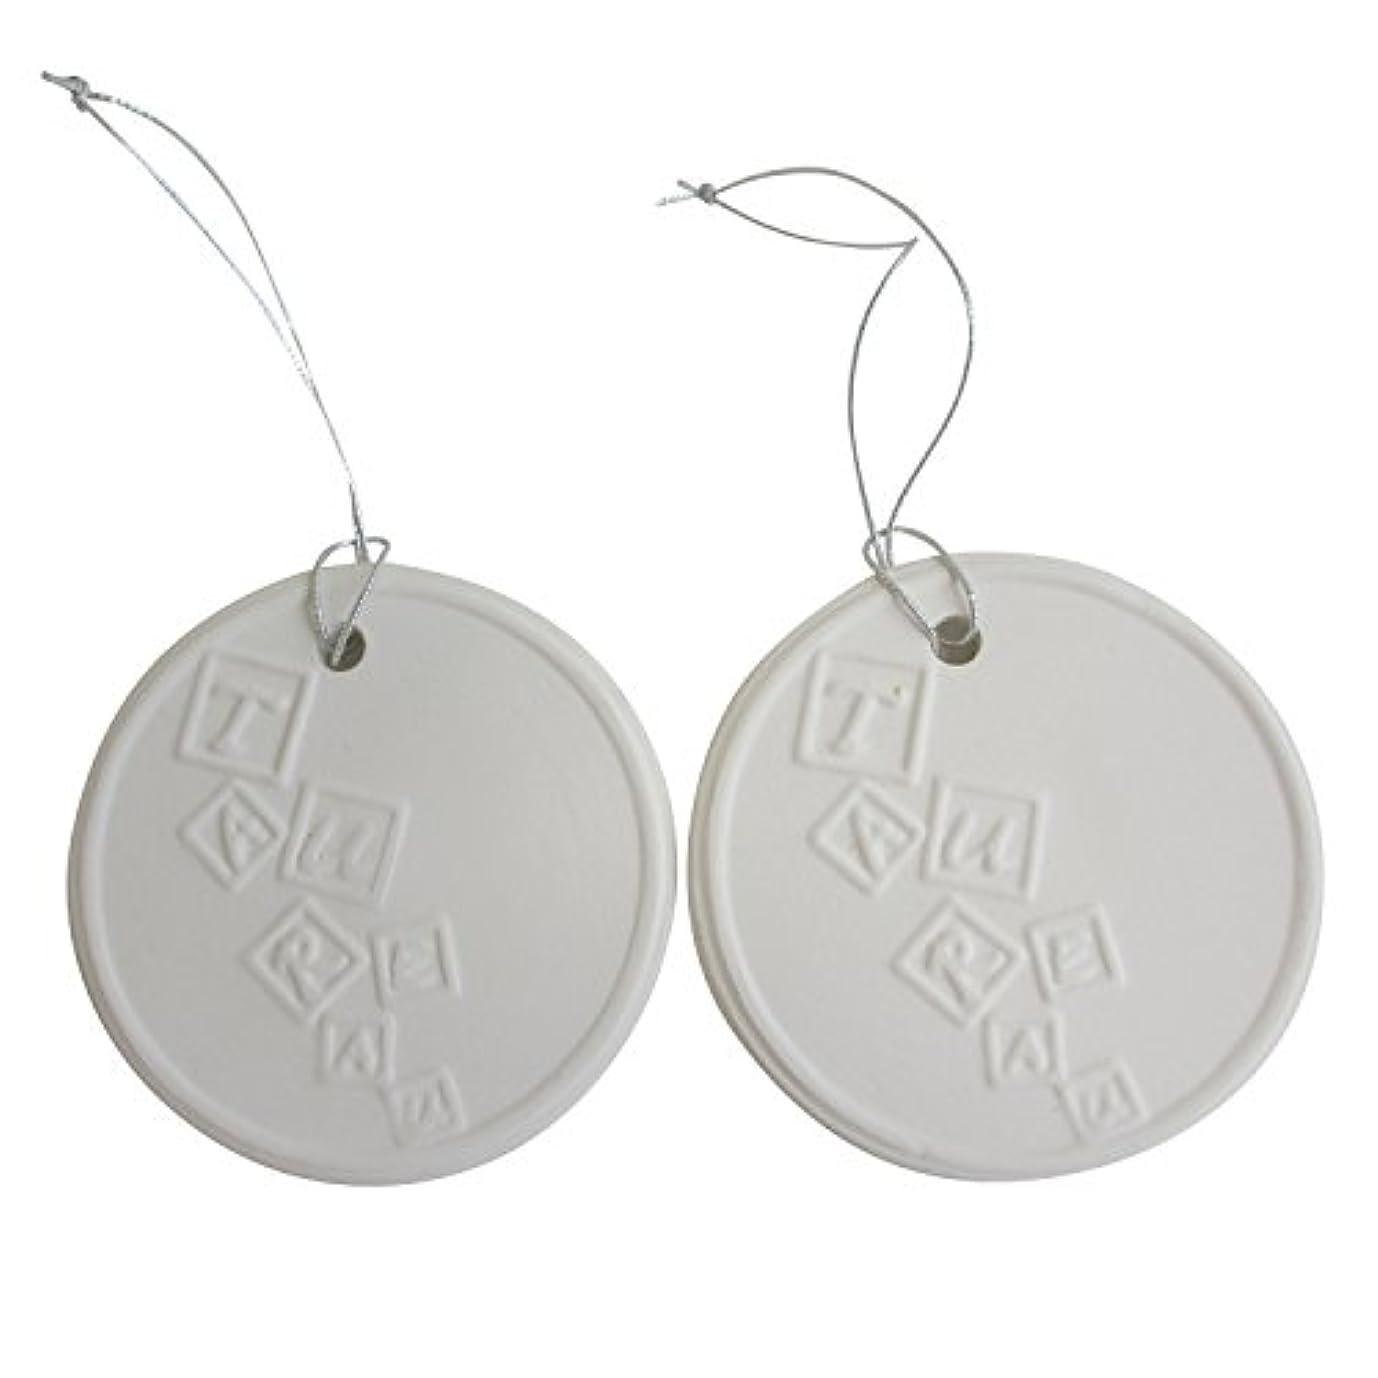 照らす特異性スパンアロマストーン ホワイトコイン 2セット(ロゴ2) アクセサリー 小物 キーホルダー アロマディフューザー ペンダント 陶器製